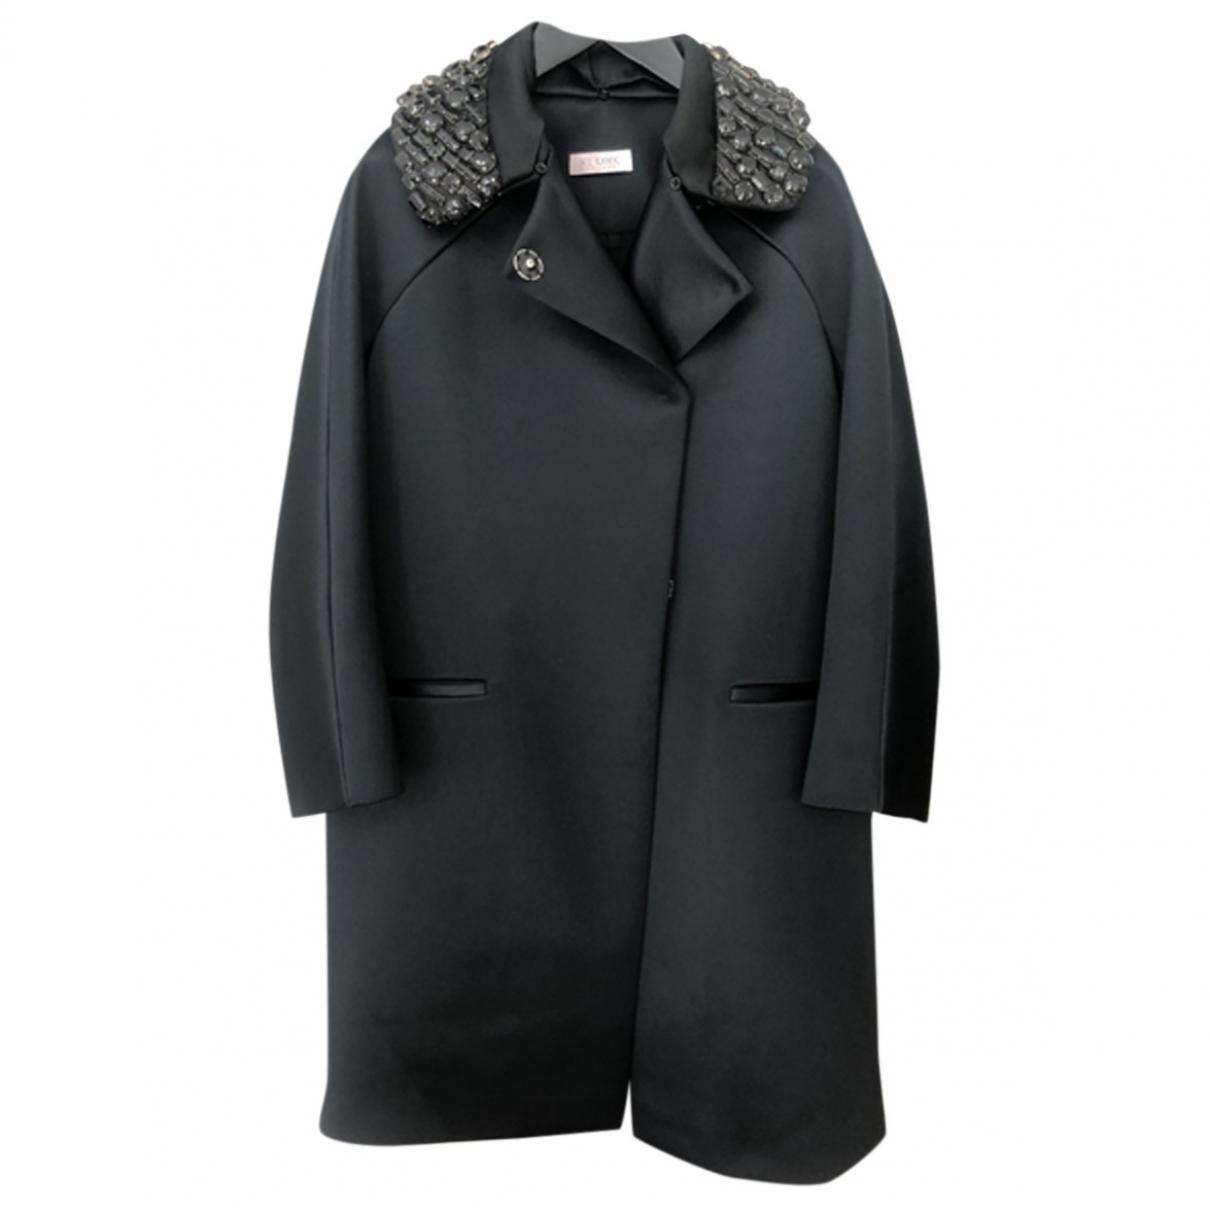 Dice Kayek \N Black coat for Women 36 FR